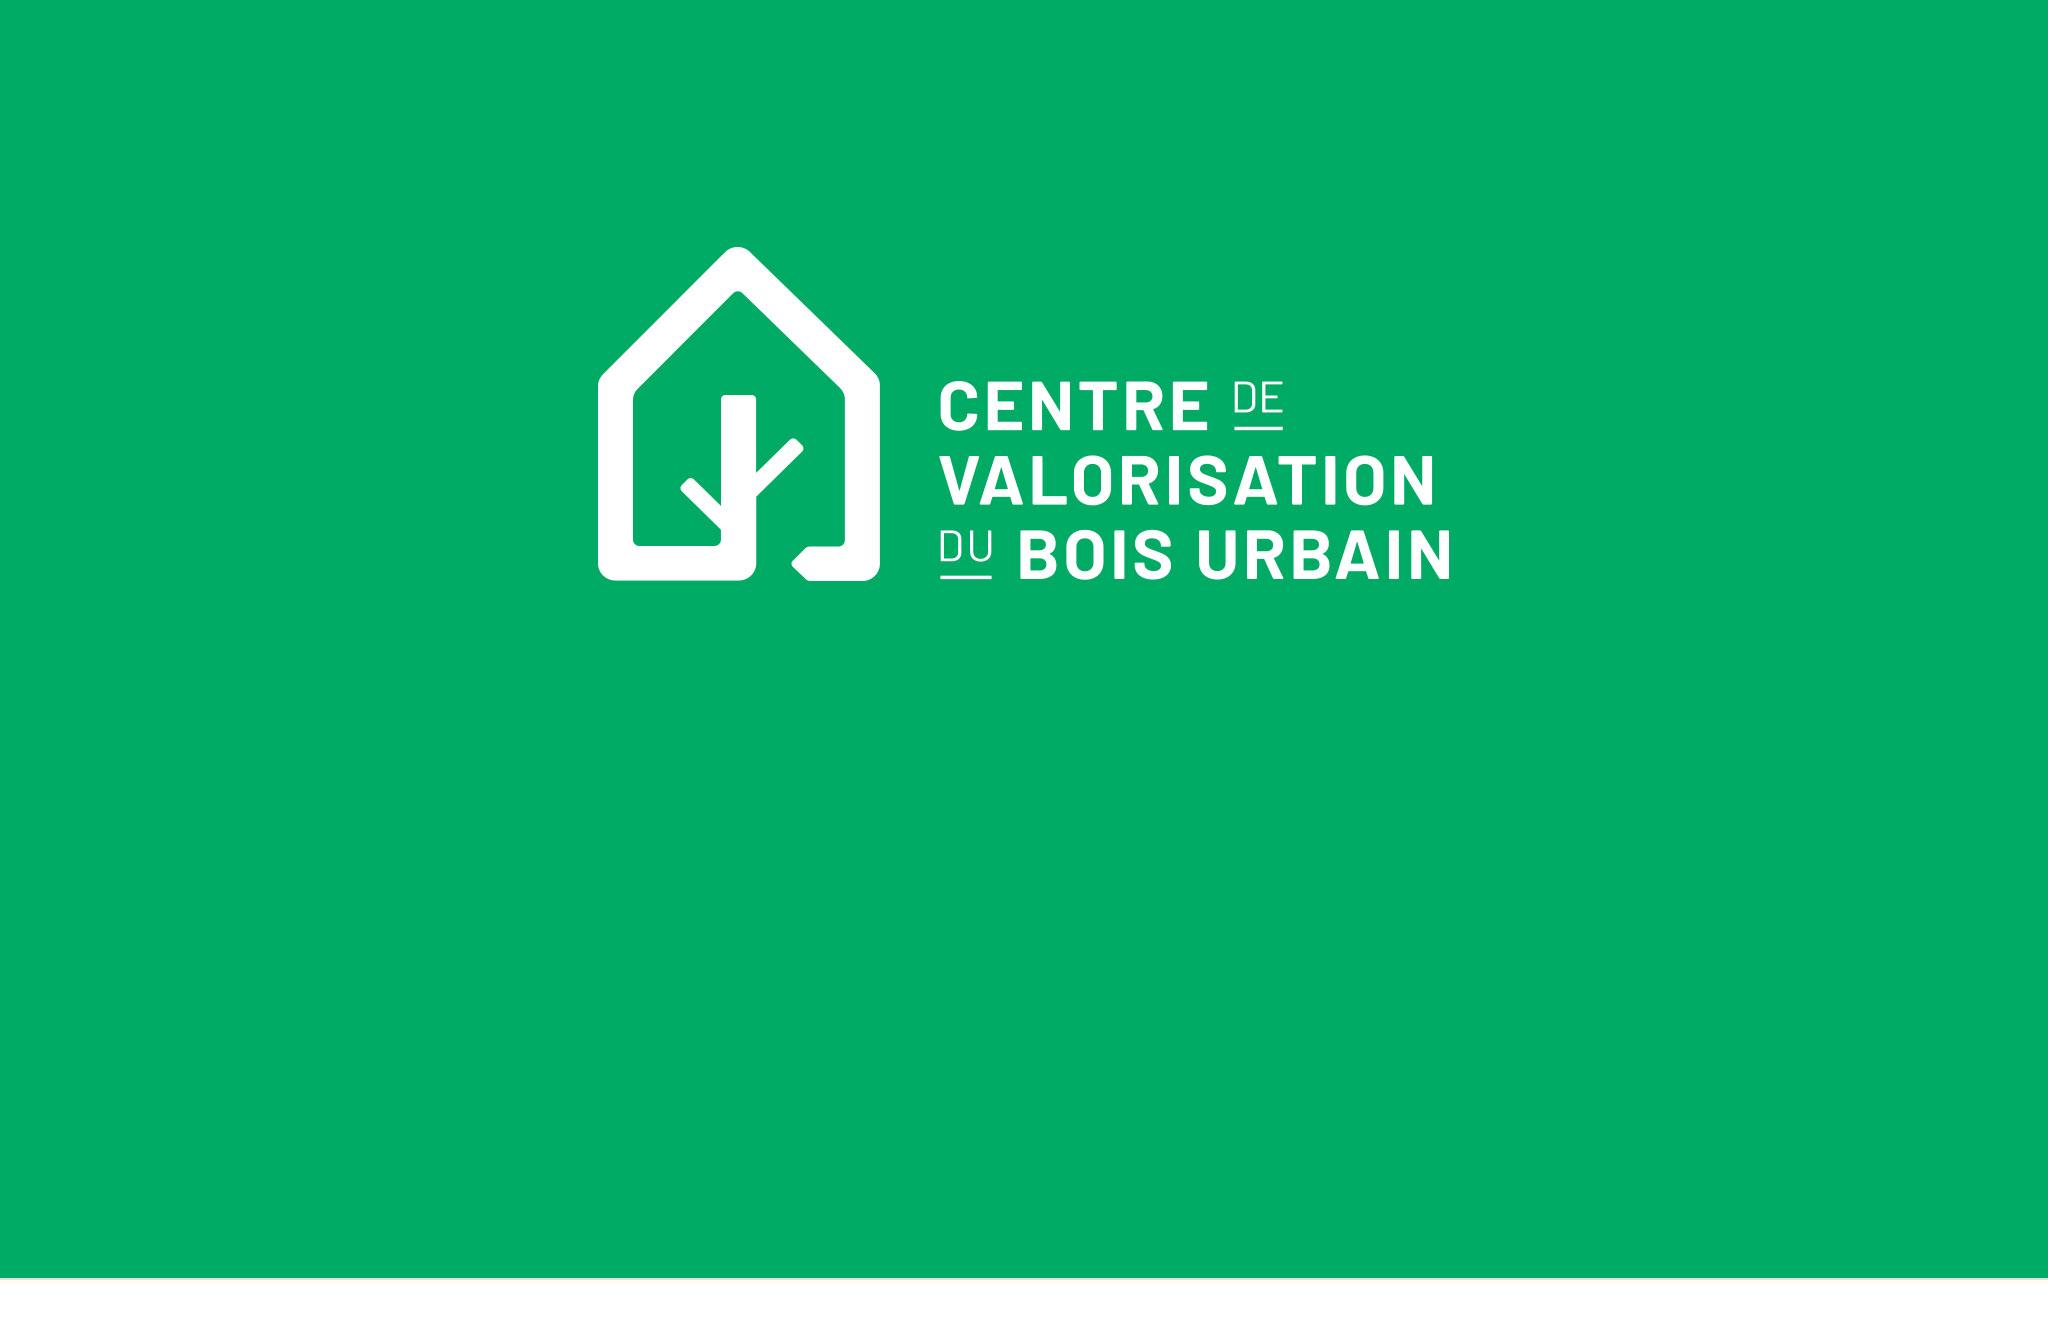 Nouvelle identité visuelle, logo, carte d'affaires du Centre de valorisation du bois urbain.